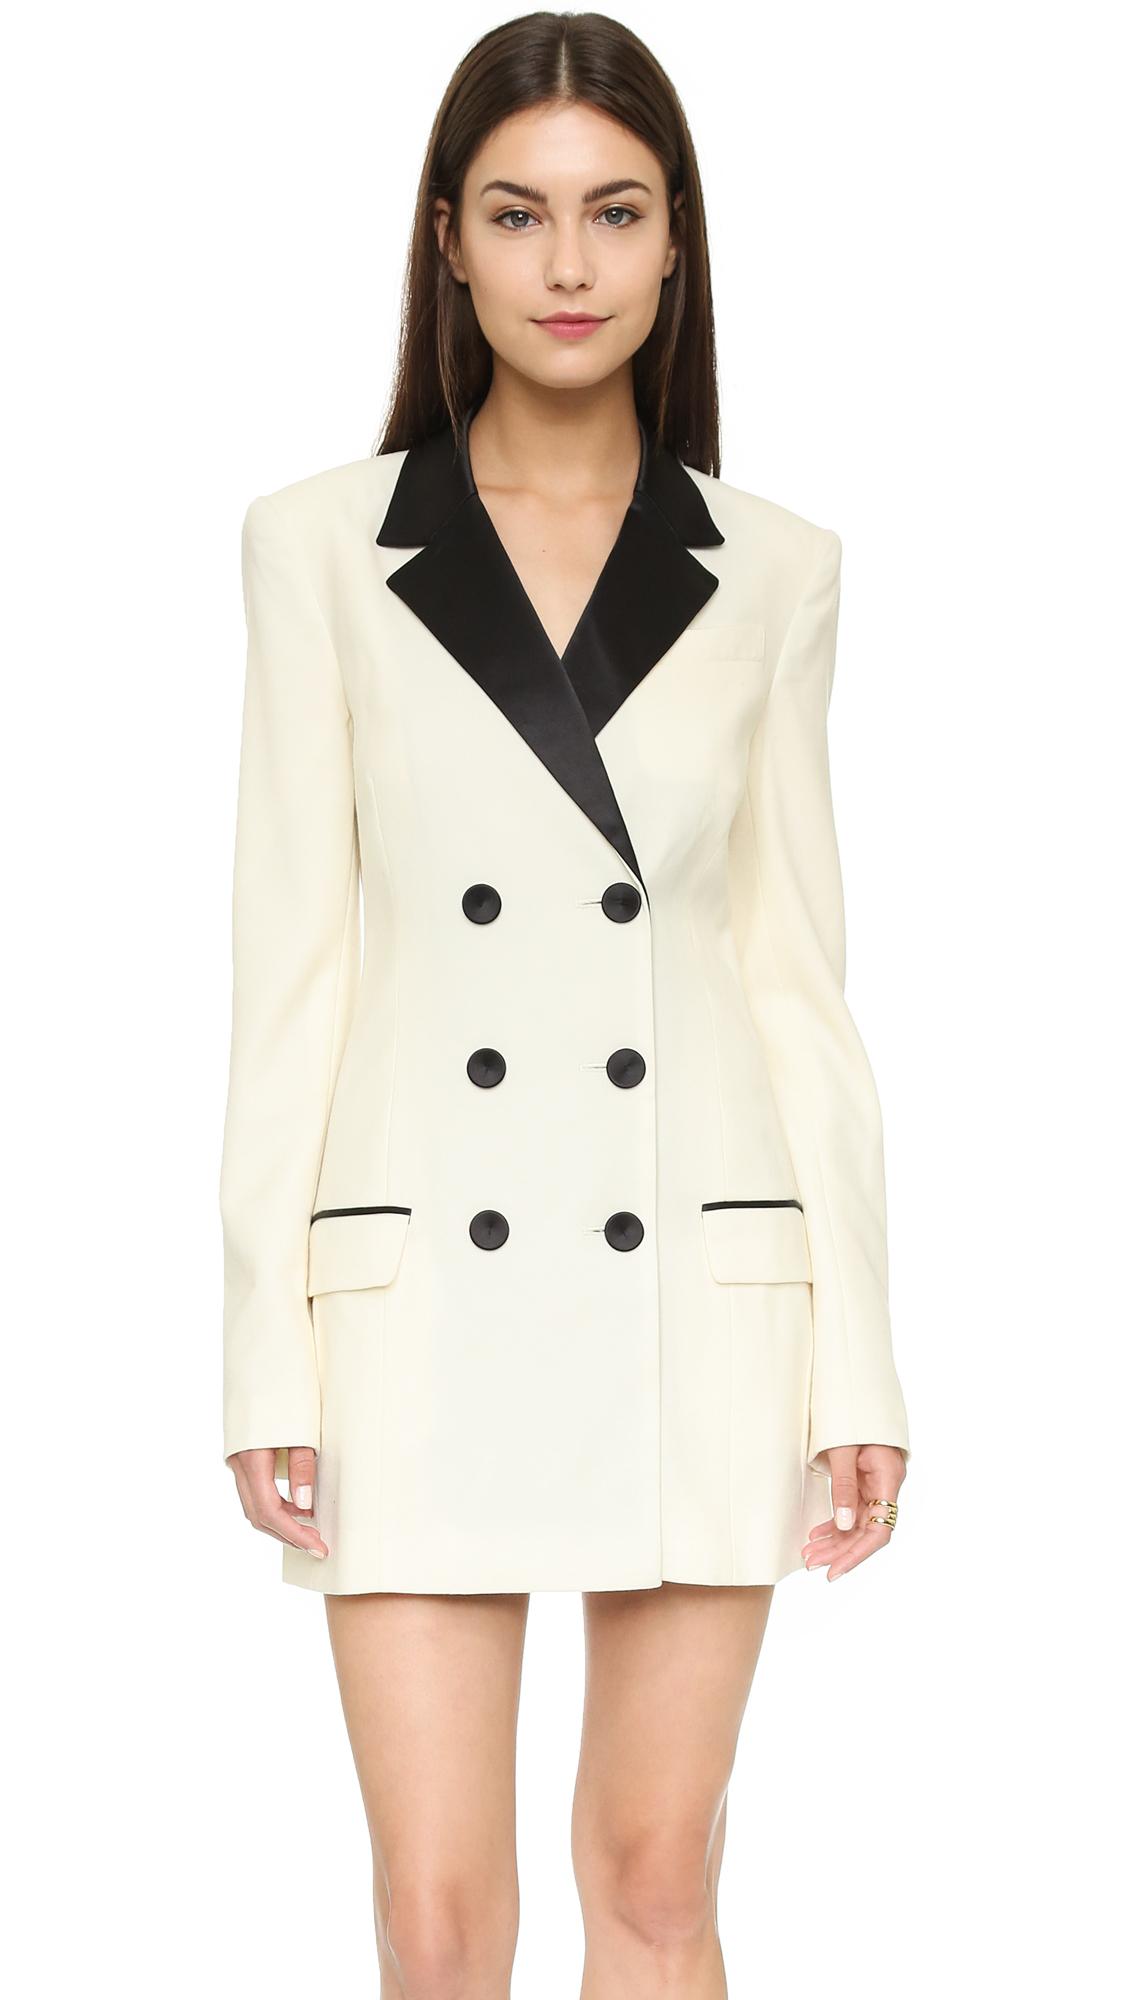 Rachel Zoe Tuxedo Dress In White Lyst